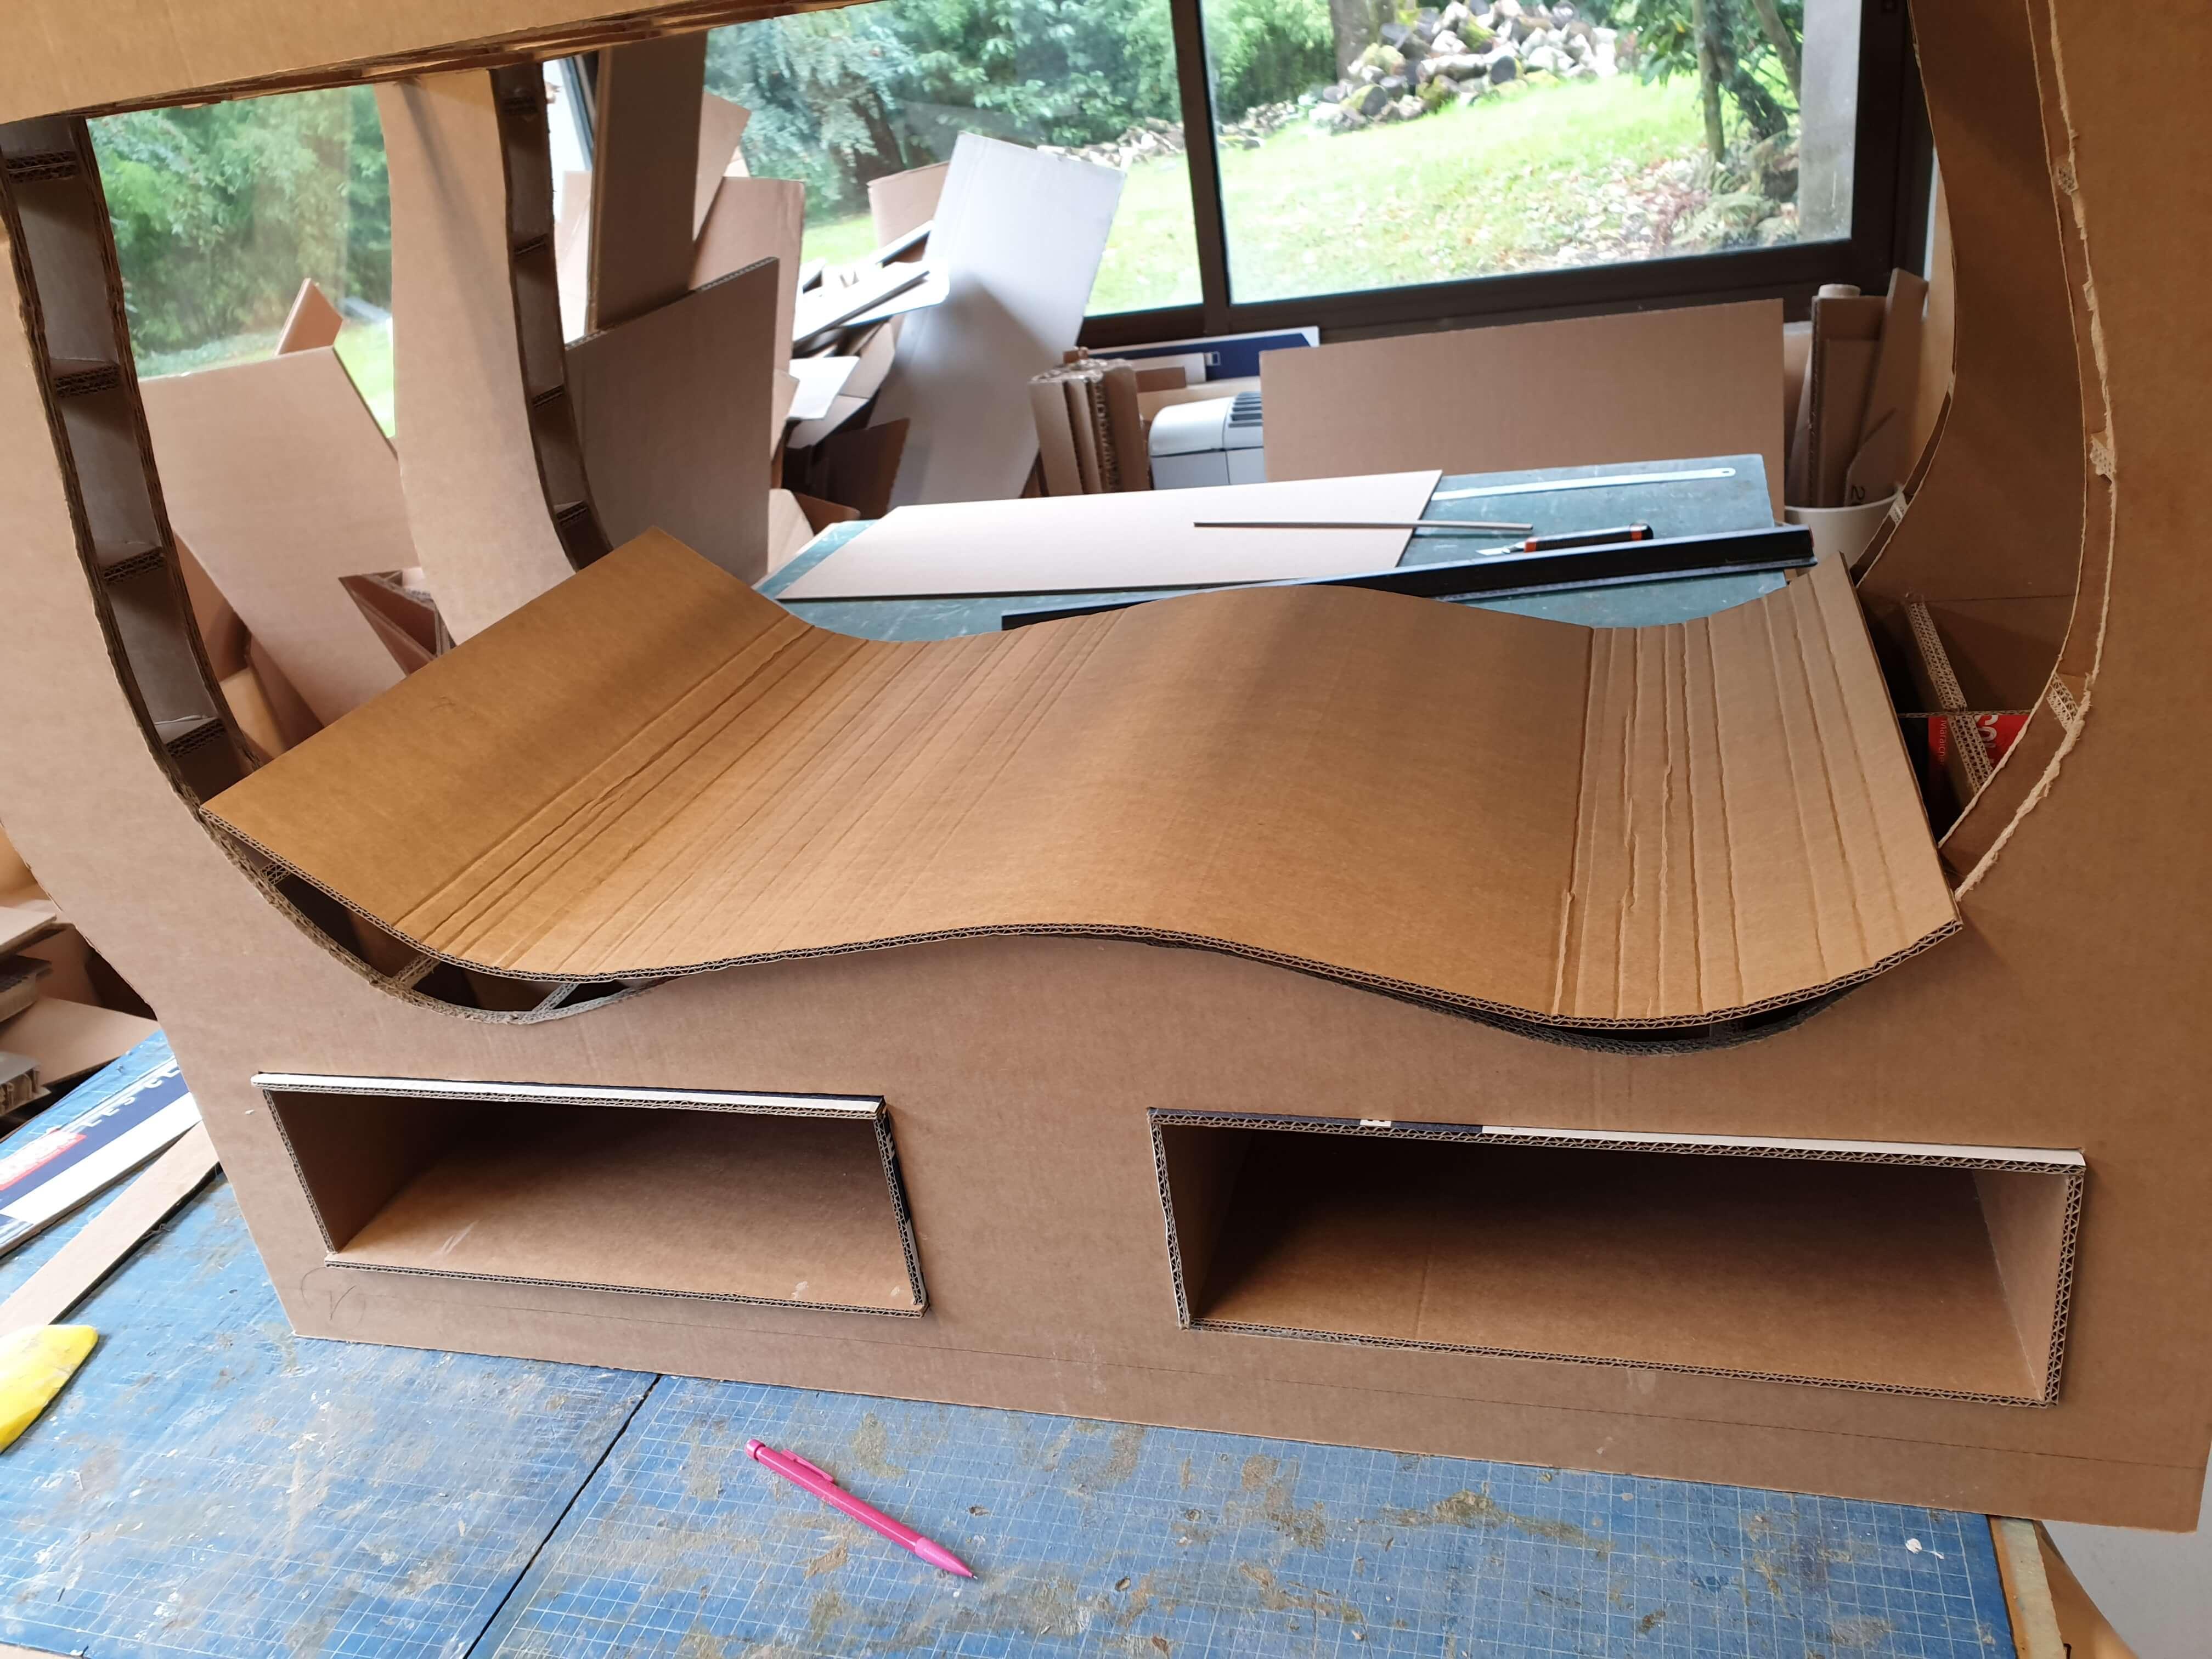 Habiller L Arrière D Un Meuble comment fabriquer un meuble en carton ? - newjess